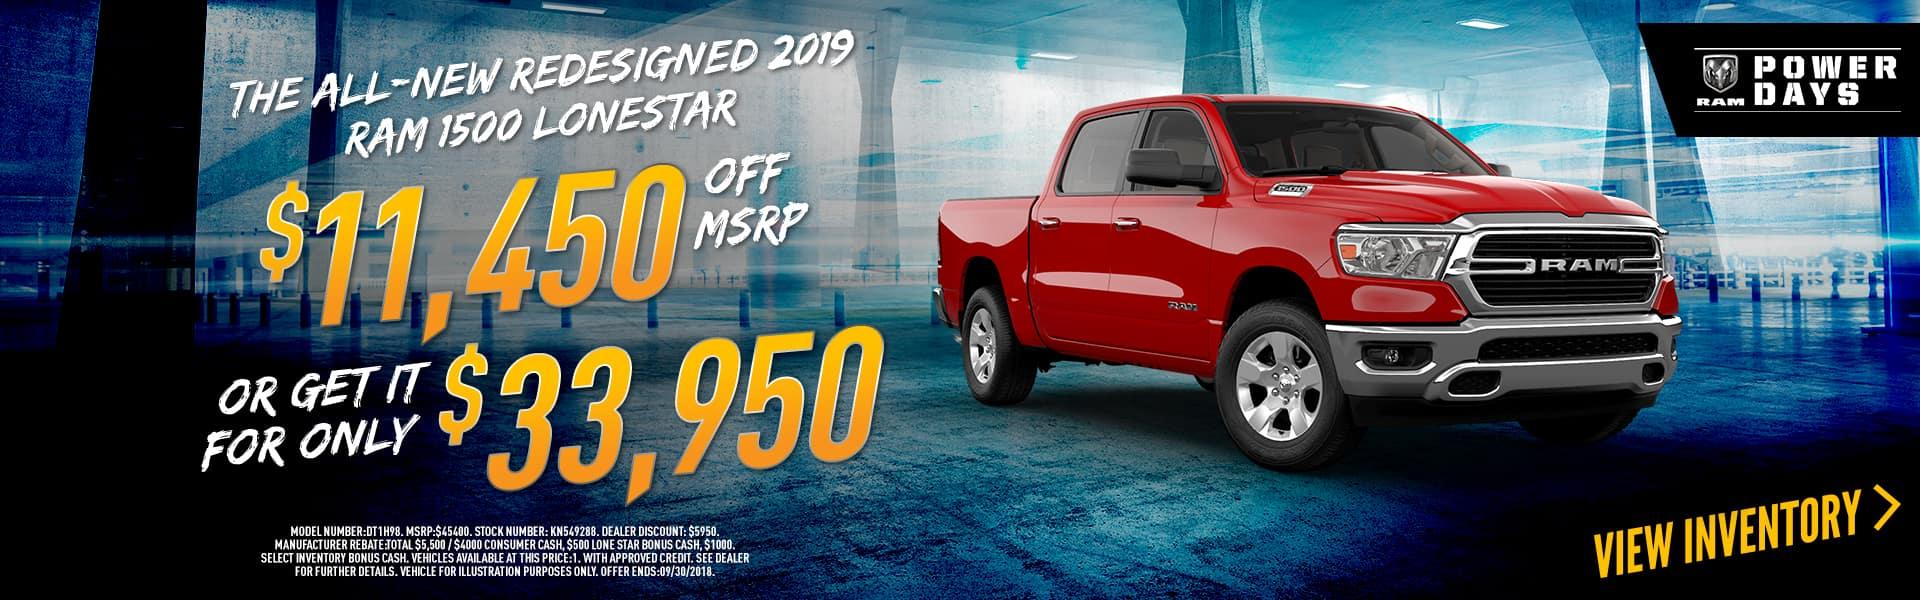 beaumont-tx-deals-near-me-2019-ram-1500